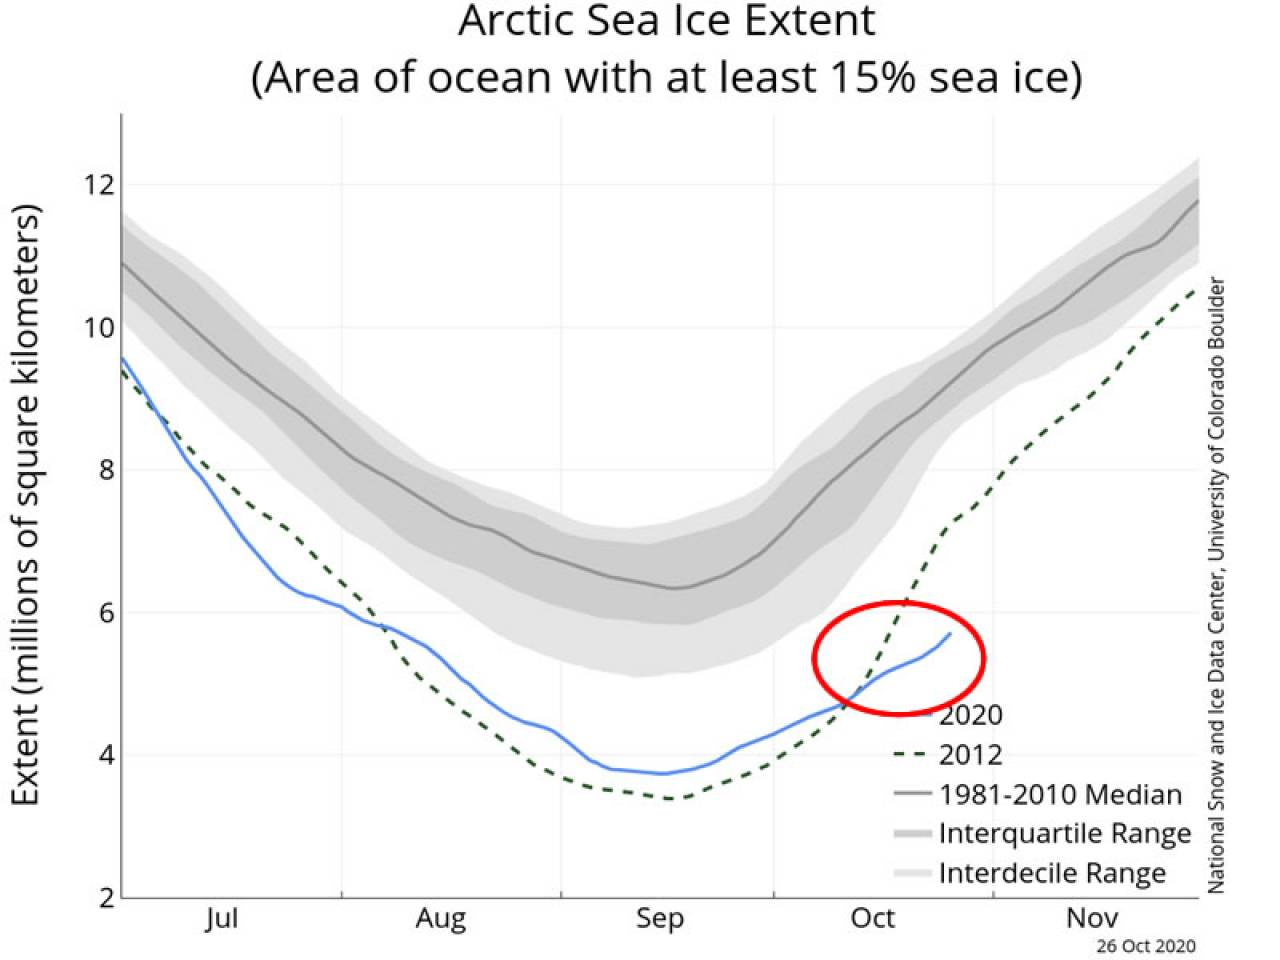 estensione ghiaccio marino artico (fonte nsidc.org)